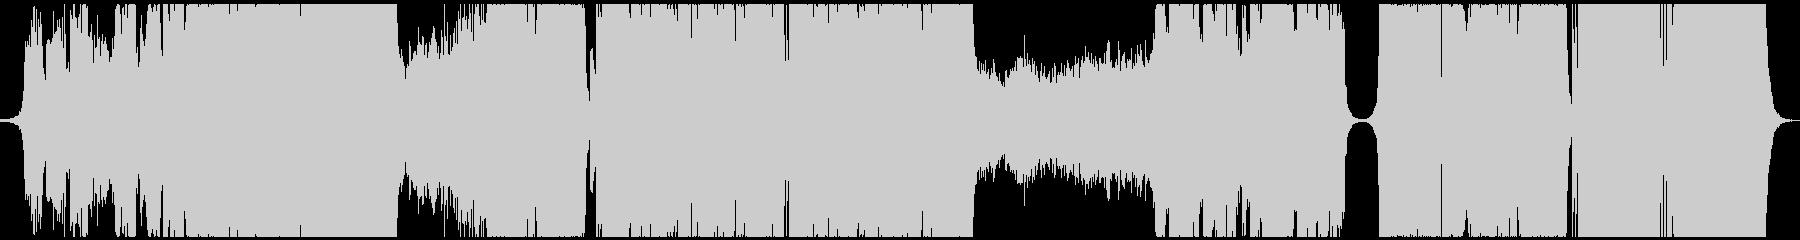 ファンタジーなEDMハードスタイルの未再生の波形